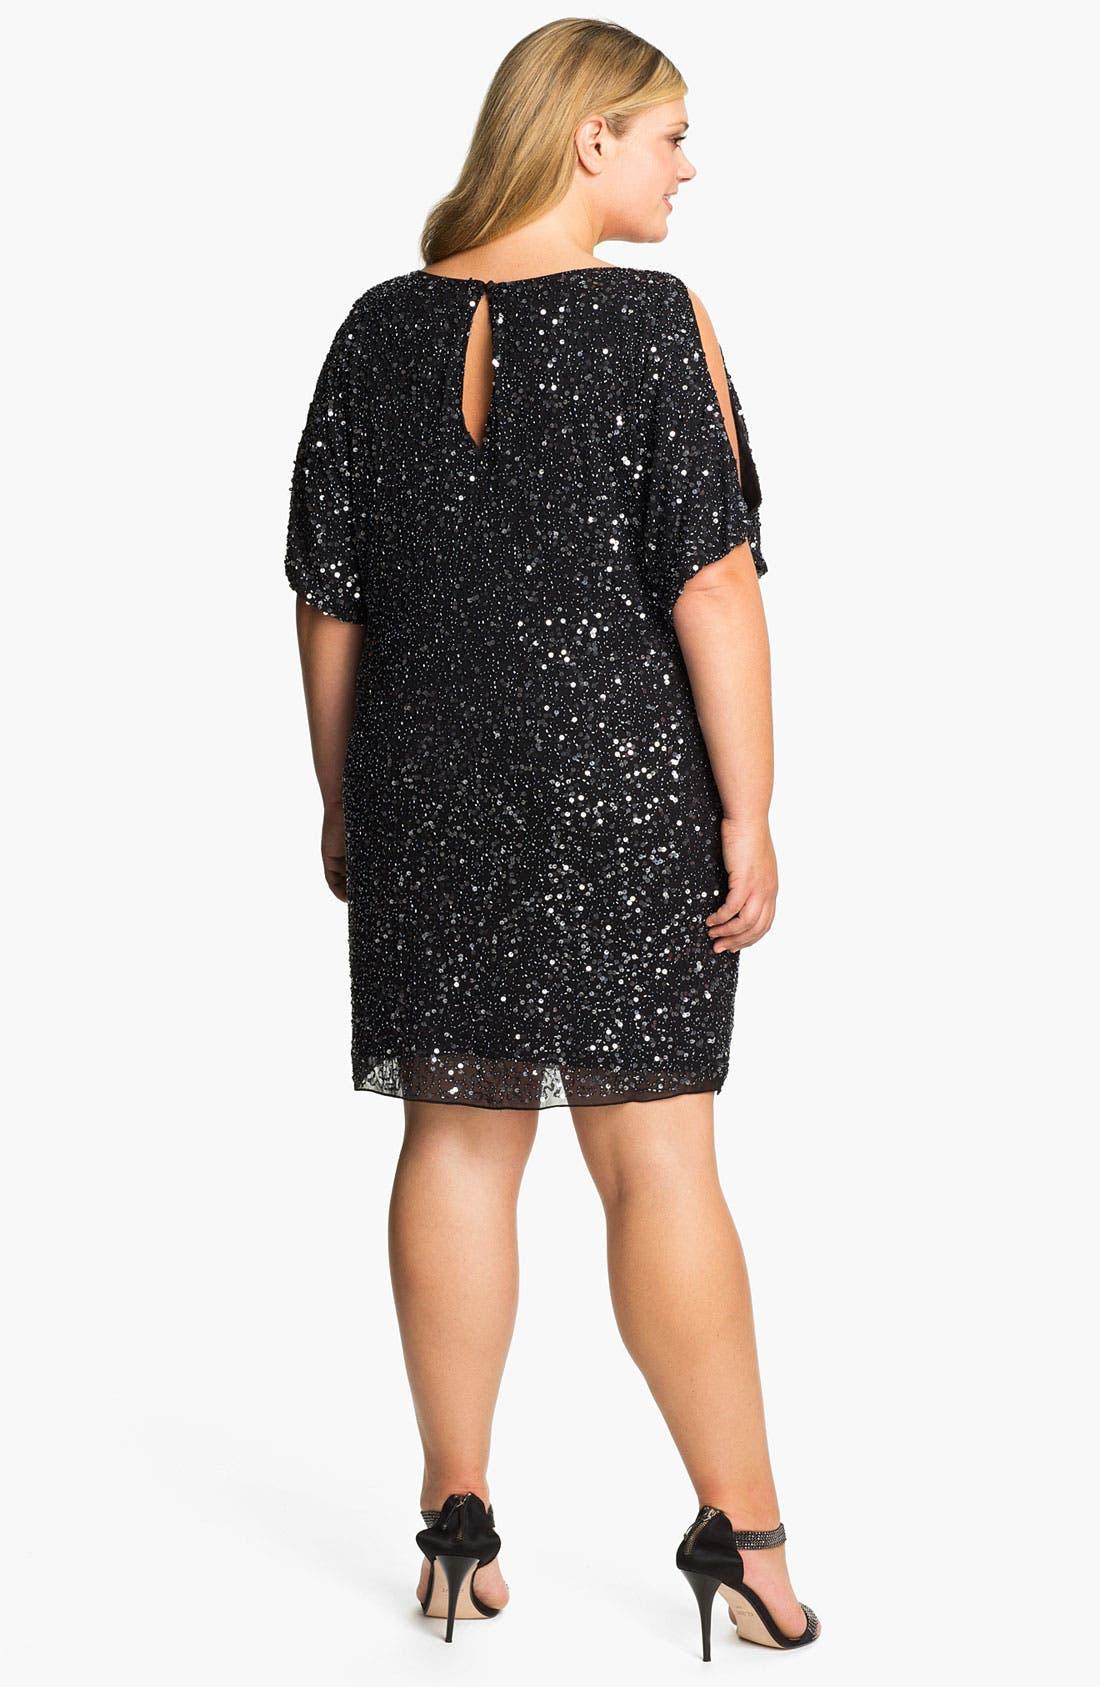 AIDAN MATTOX Sequin Cold Shoulder Dress, Main, color, 001